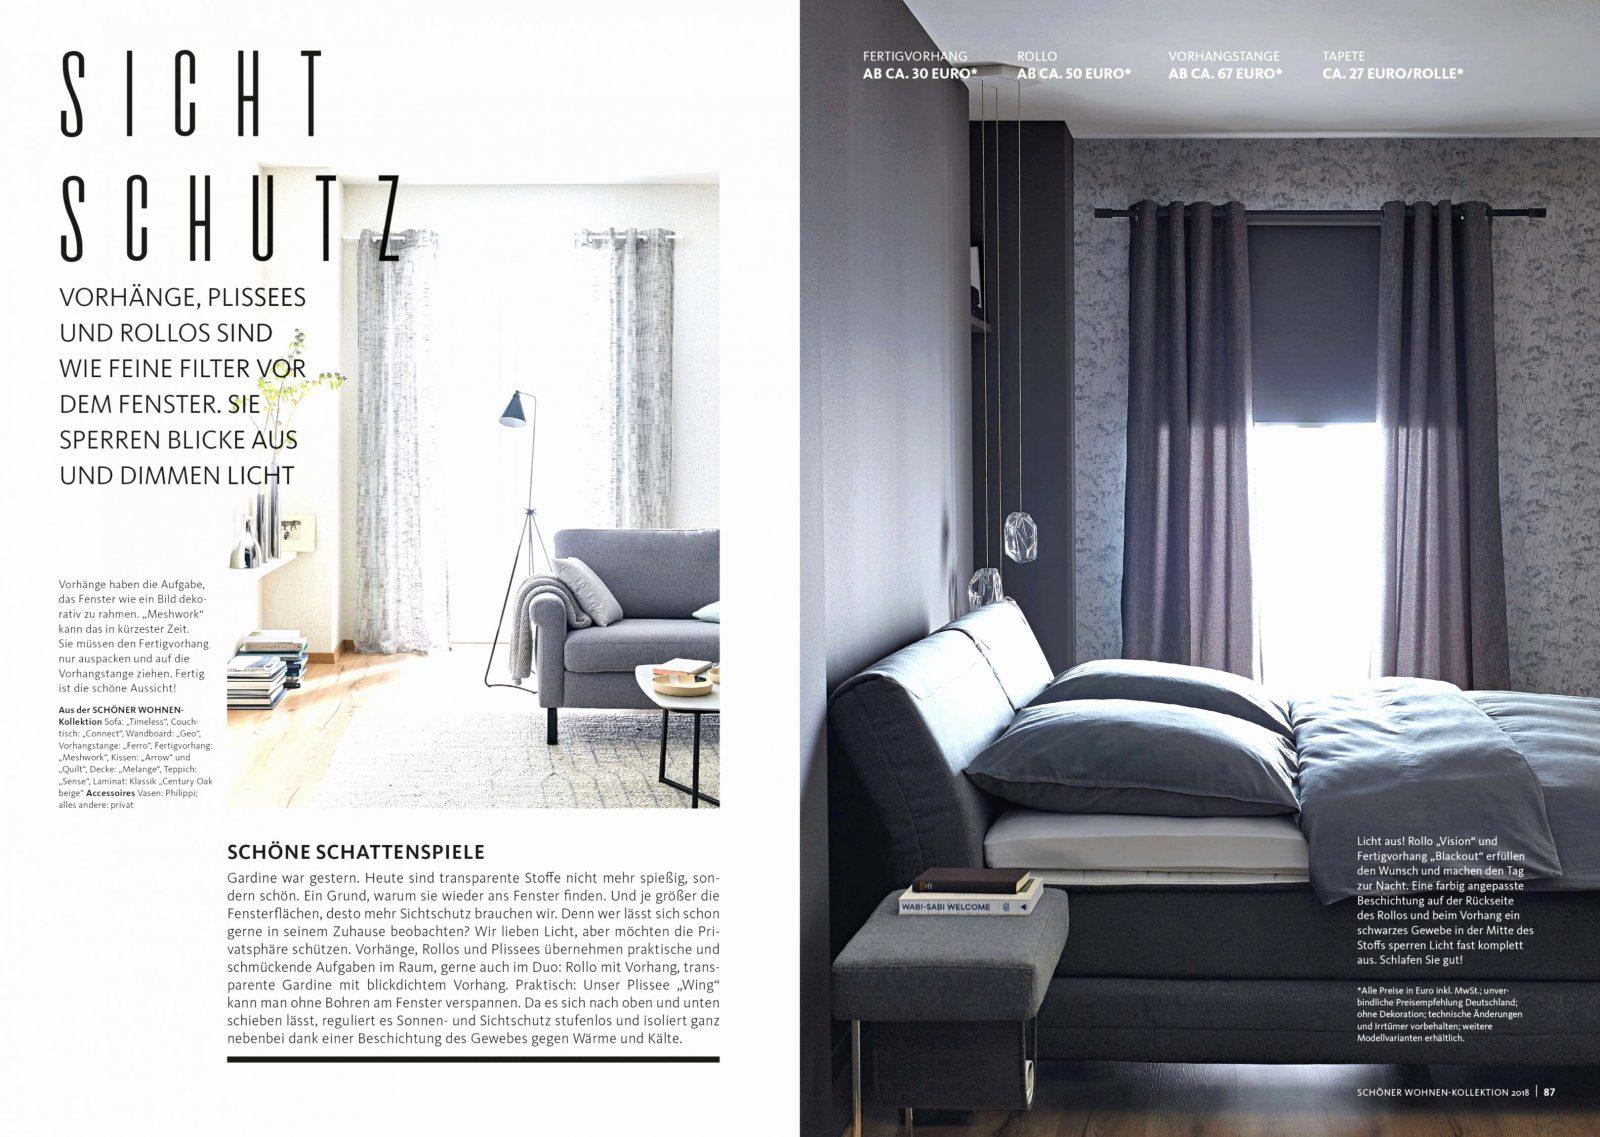 Design Tapete Schlafzimmer Frisch Schlafzimmer Trends Elegant 35 Das von Tapeten Design Ideen Schlafzimmer Photo